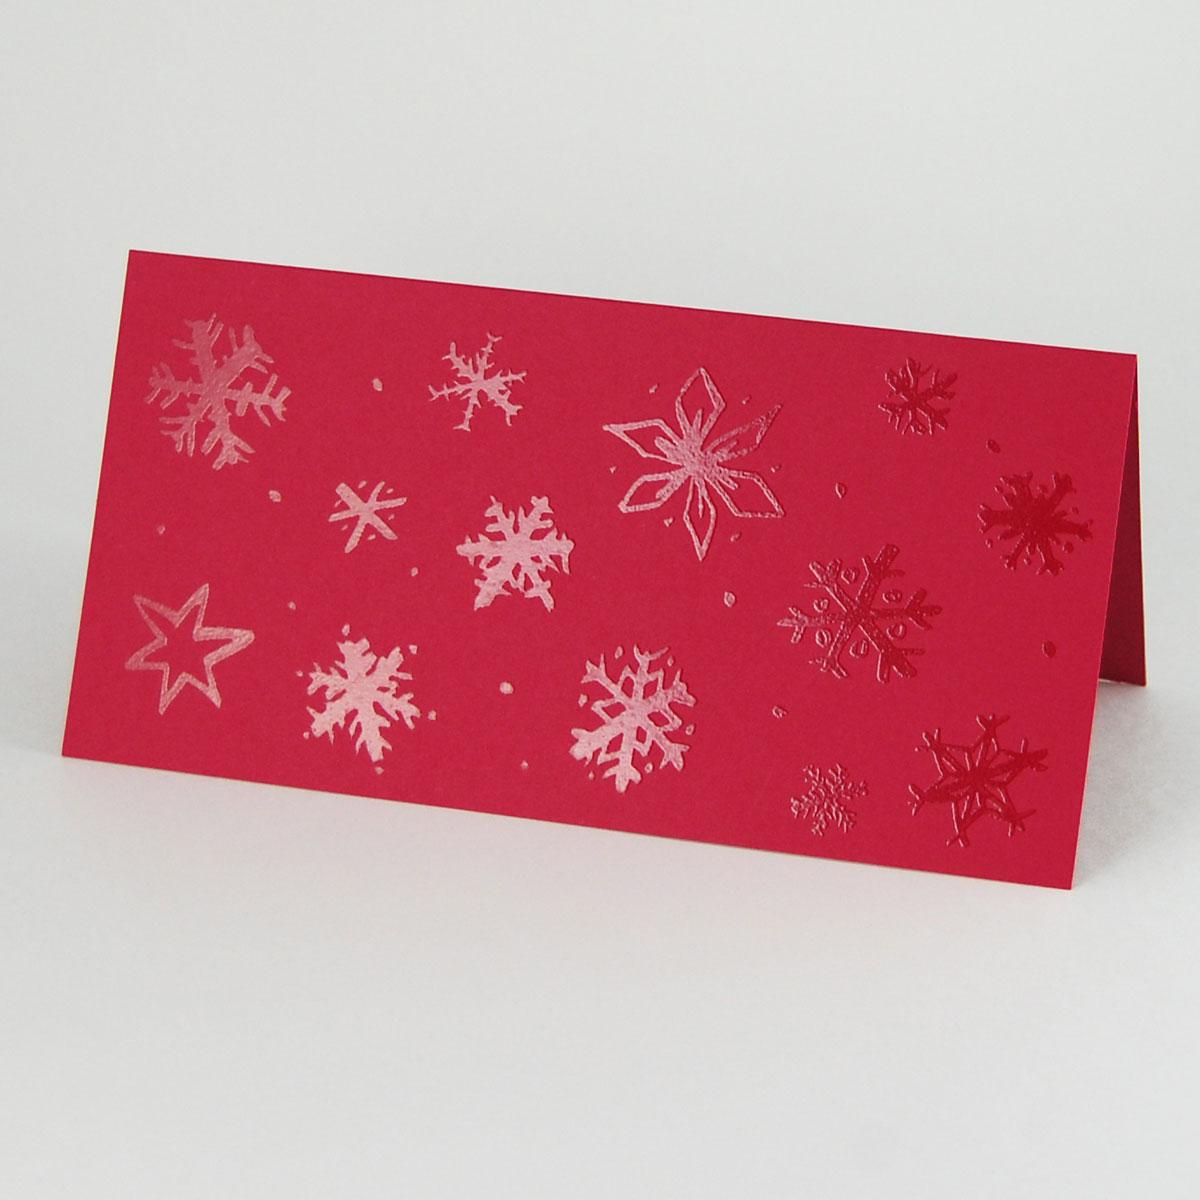 Rote Weihnachtskarten.Rote Weihnachtskarten Mit Uv Relief Lack Design